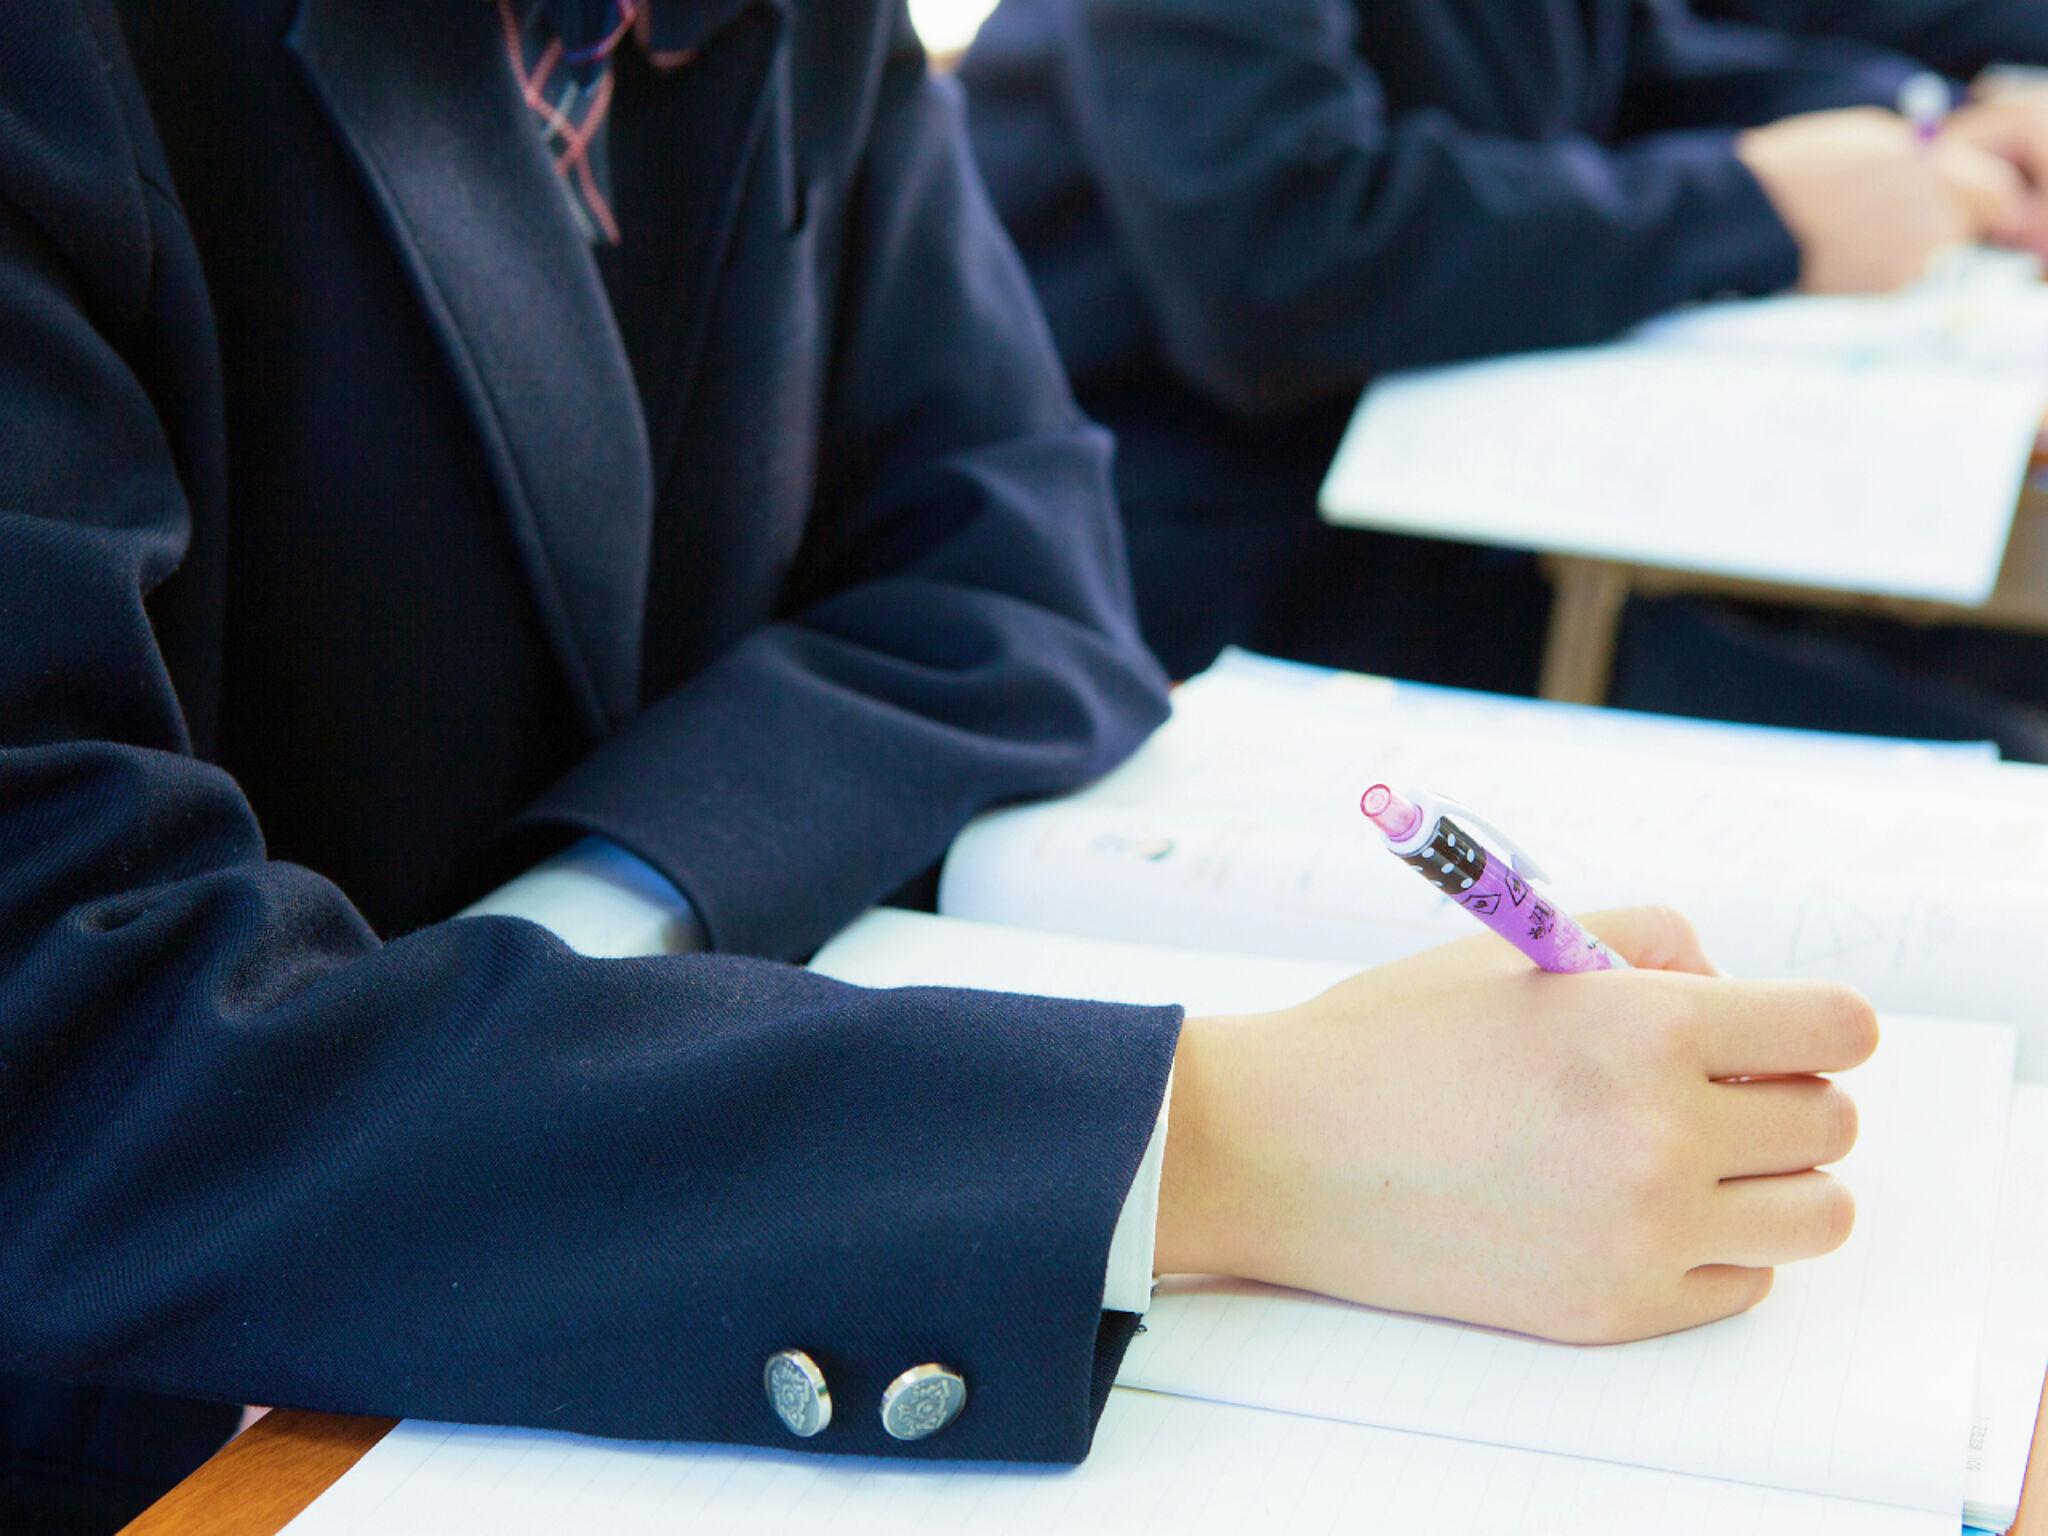 塾で授業を受けている女子中学生の画像